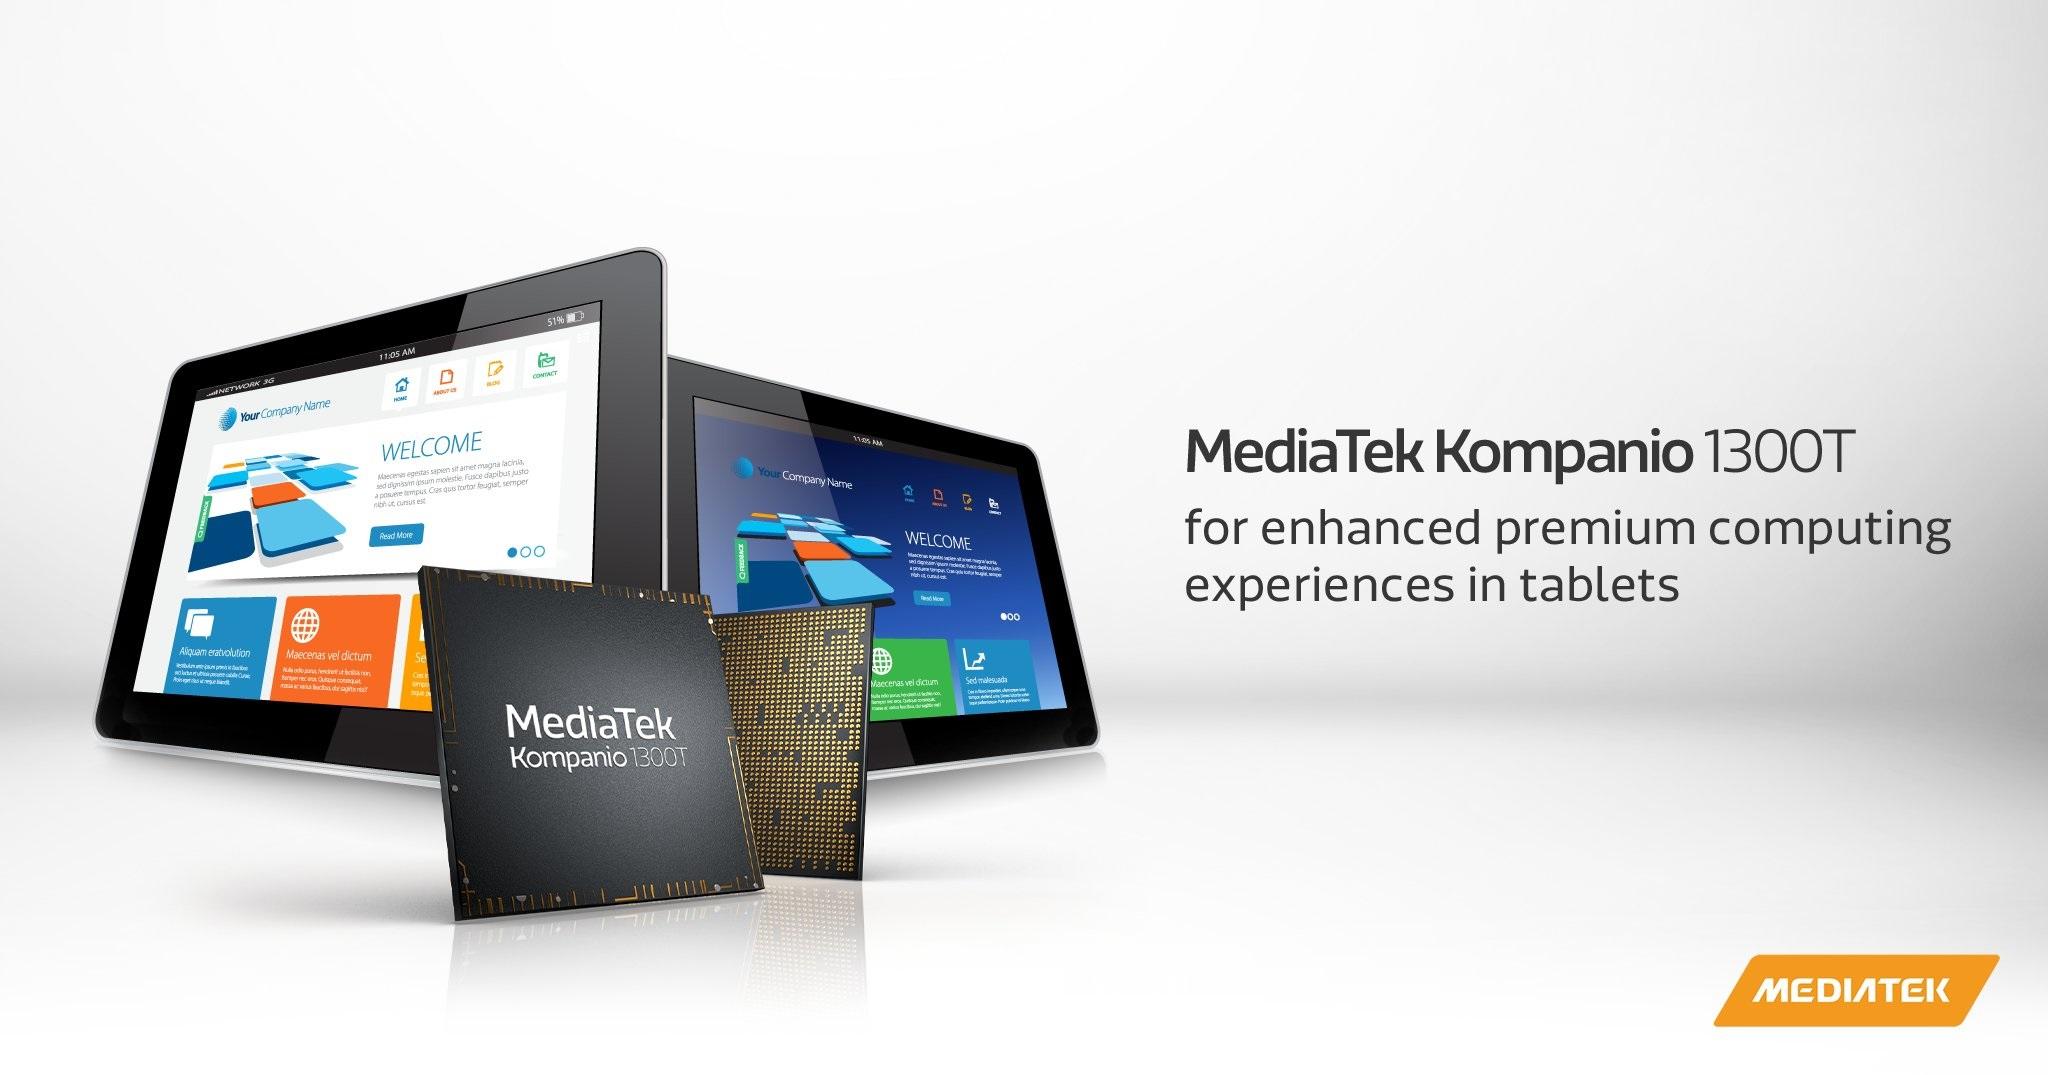 Specyfikacja Honor Tab V7 Pro bedzie obejmować procesor MediaTek Kompanio 1300T